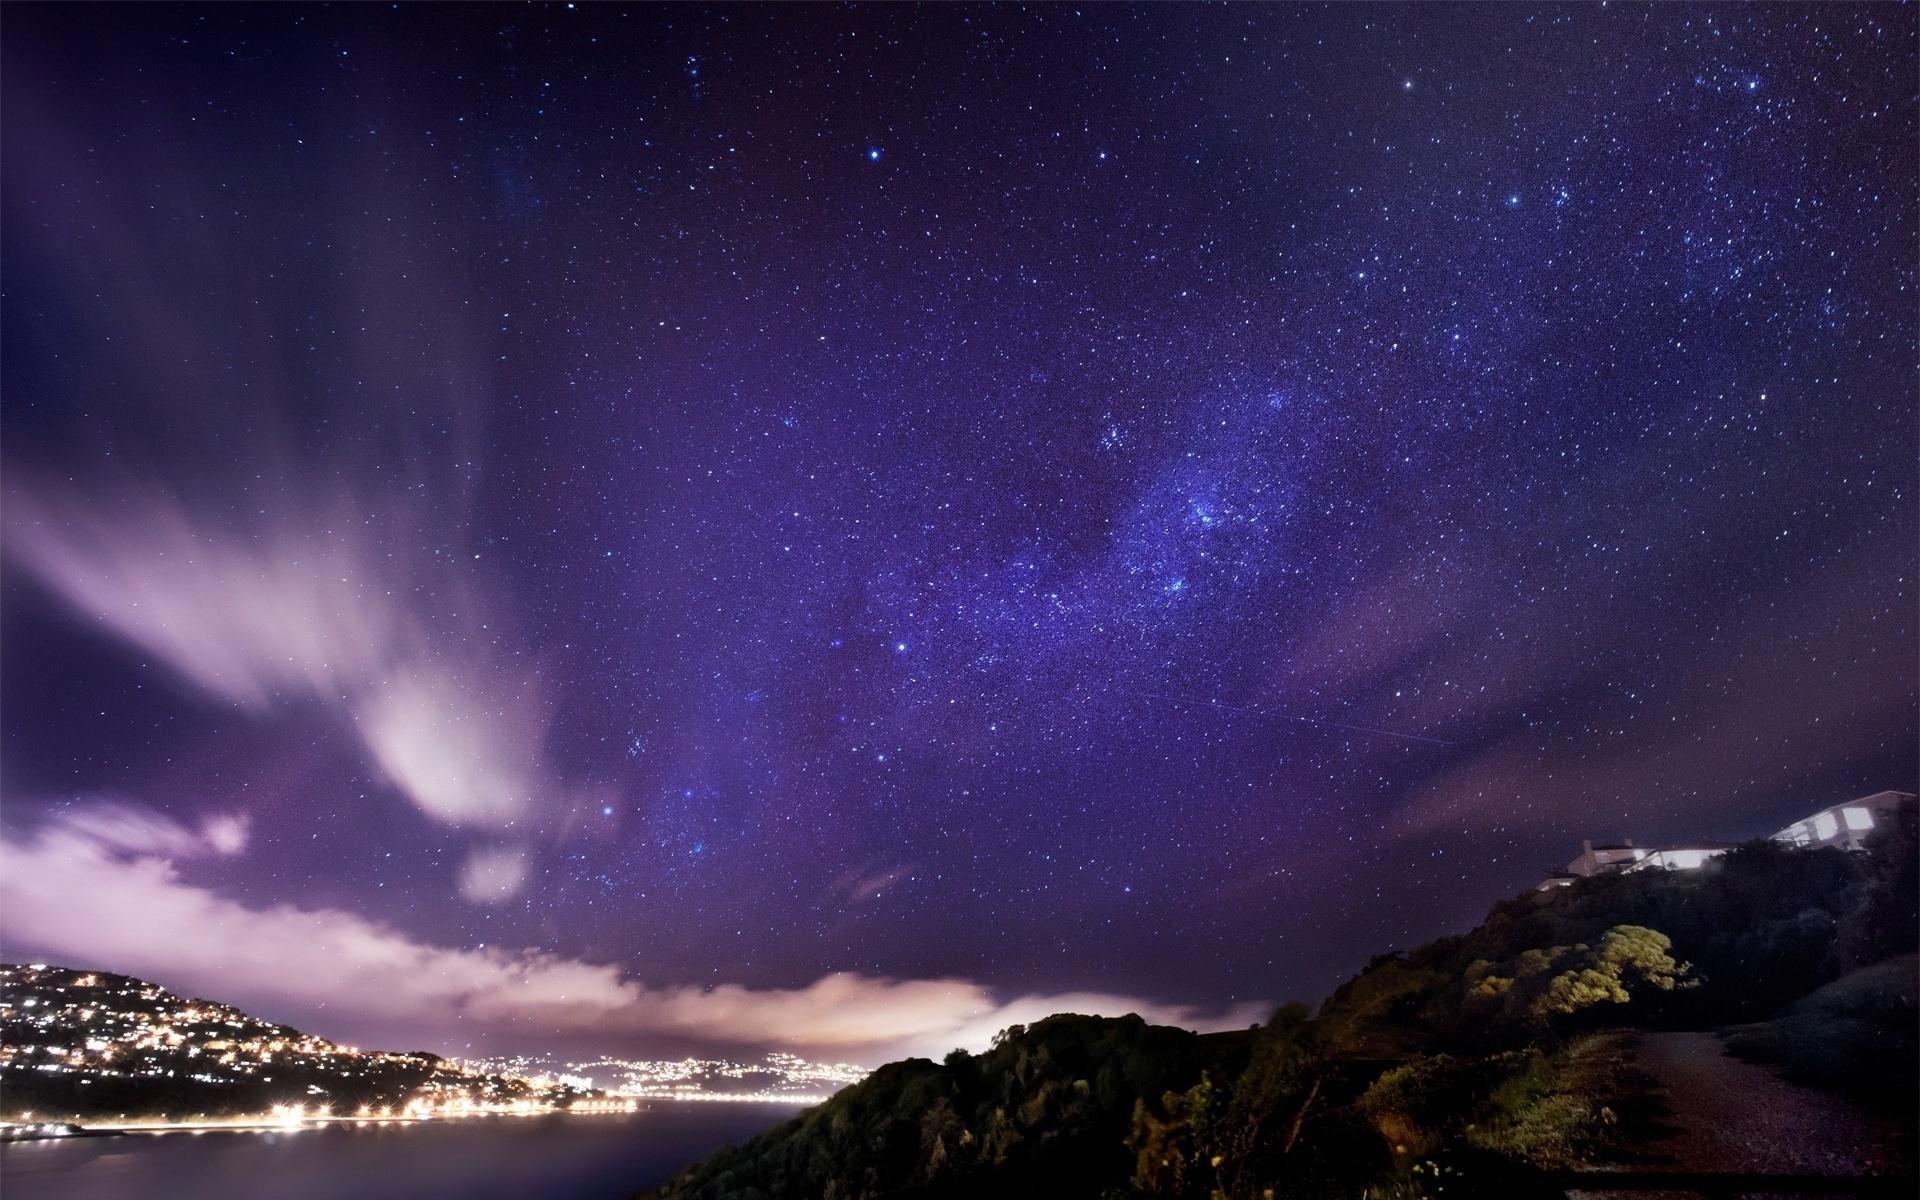 Днем налоговой, картинка звездное небо в хорошем качестве